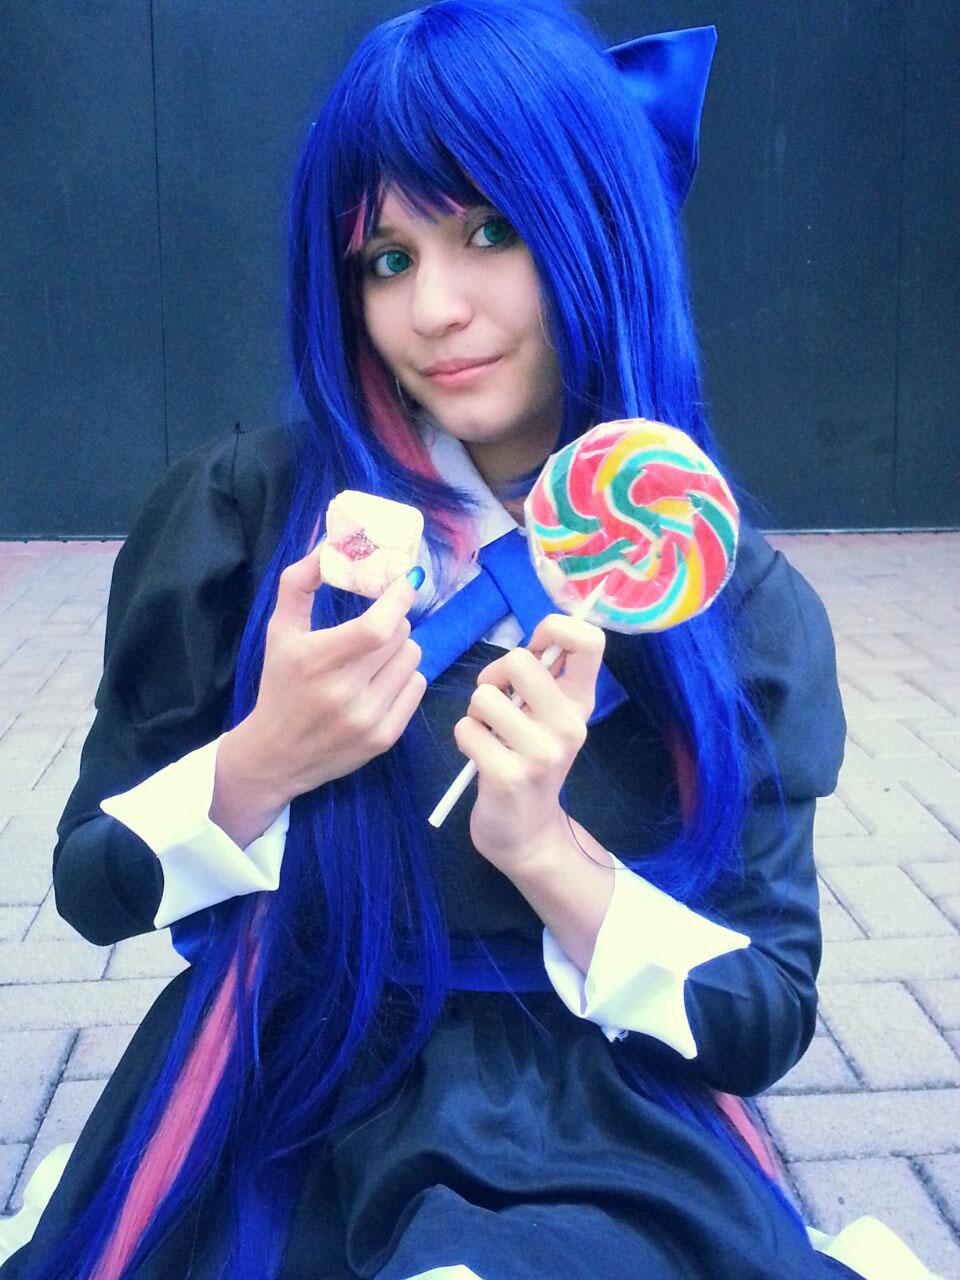 Yuuko-no-chou's Profile Picture